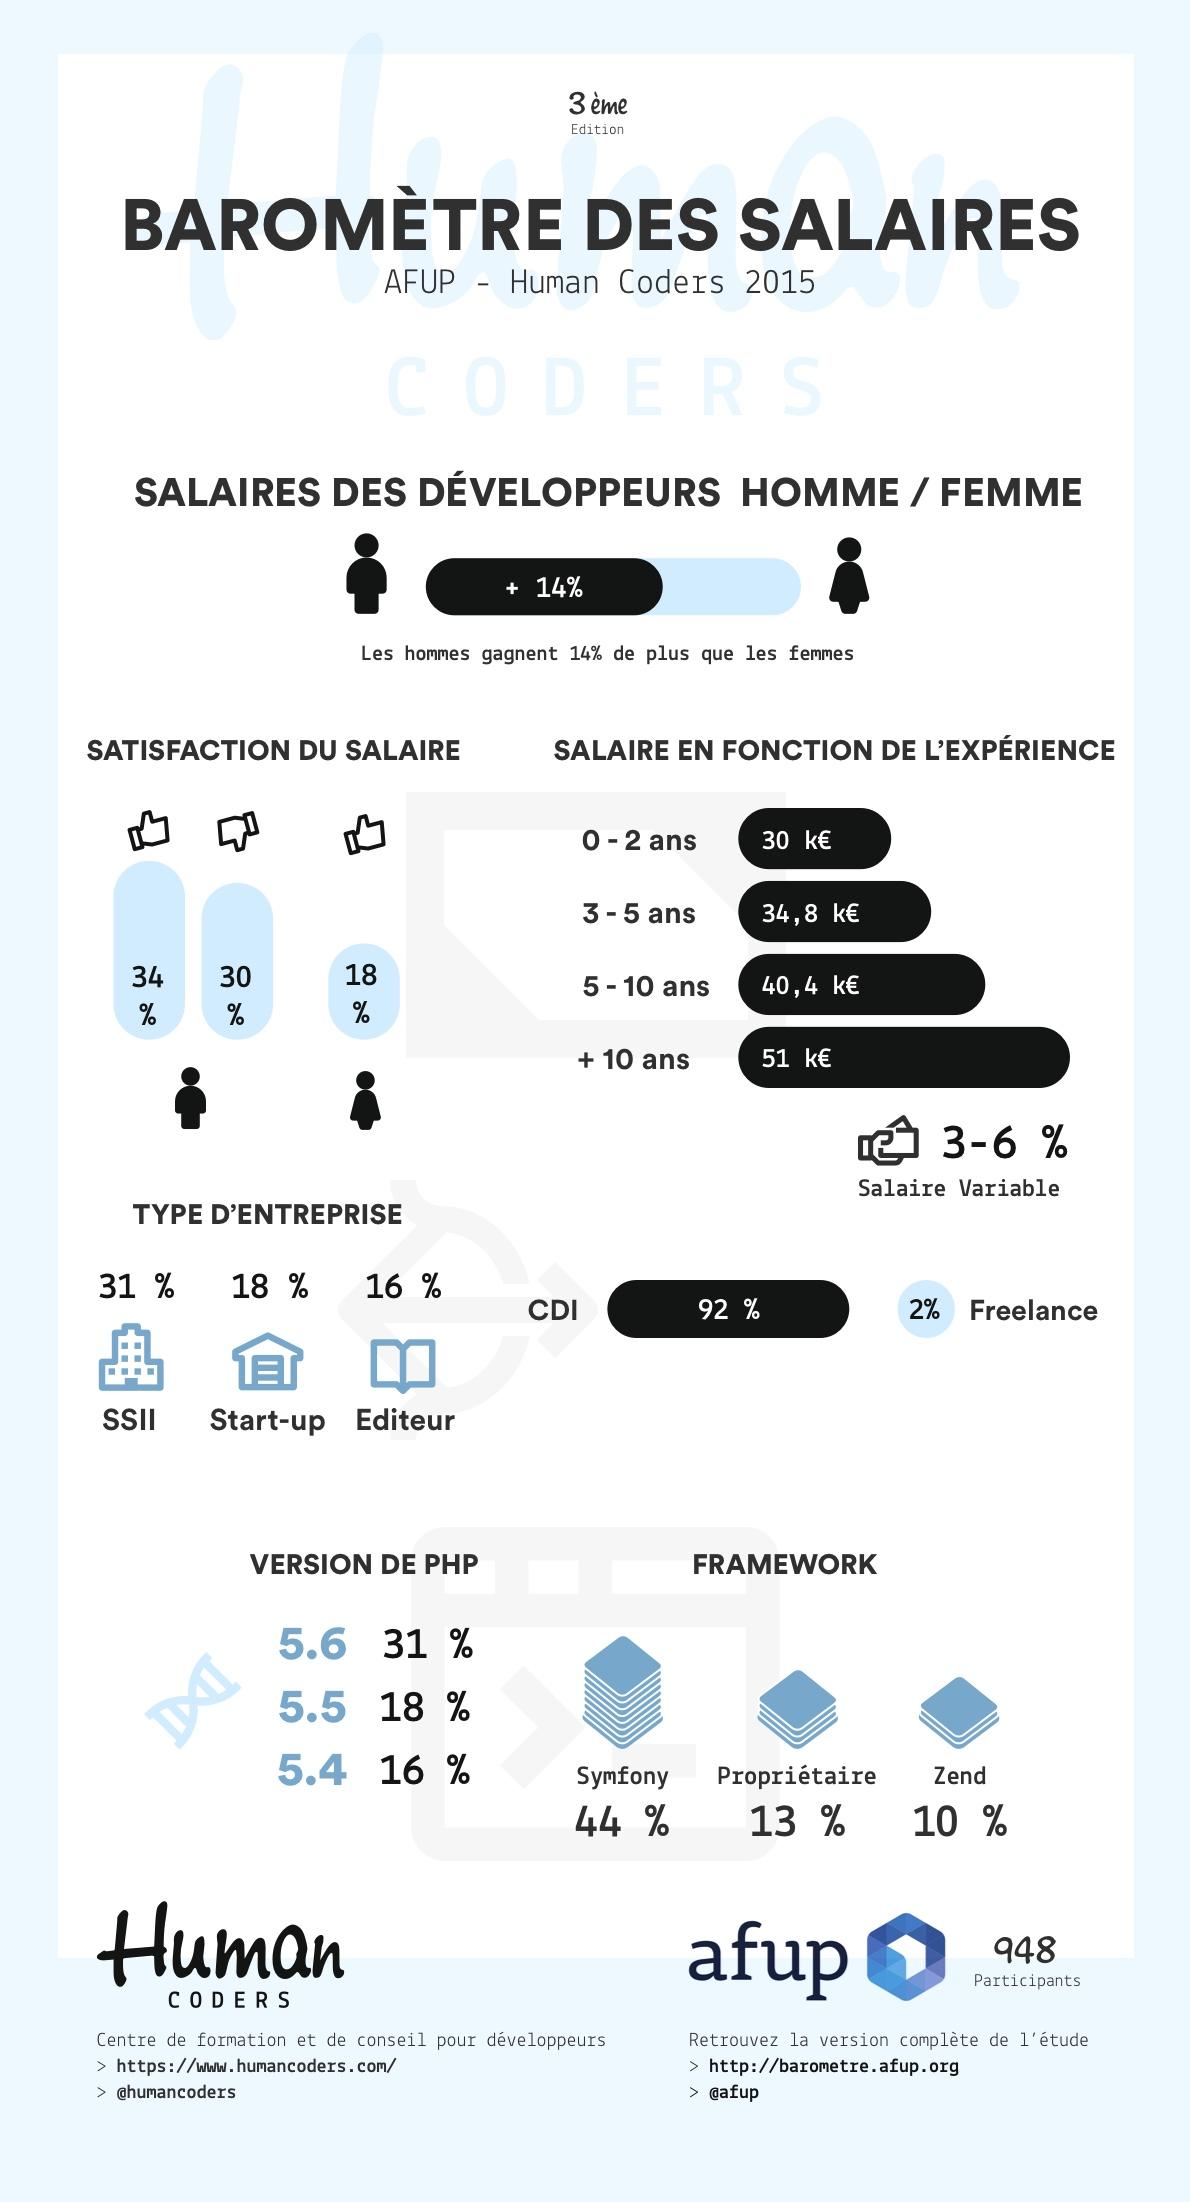 Baromètre des salaires des développeurs 2015 AFUP-Human Coders